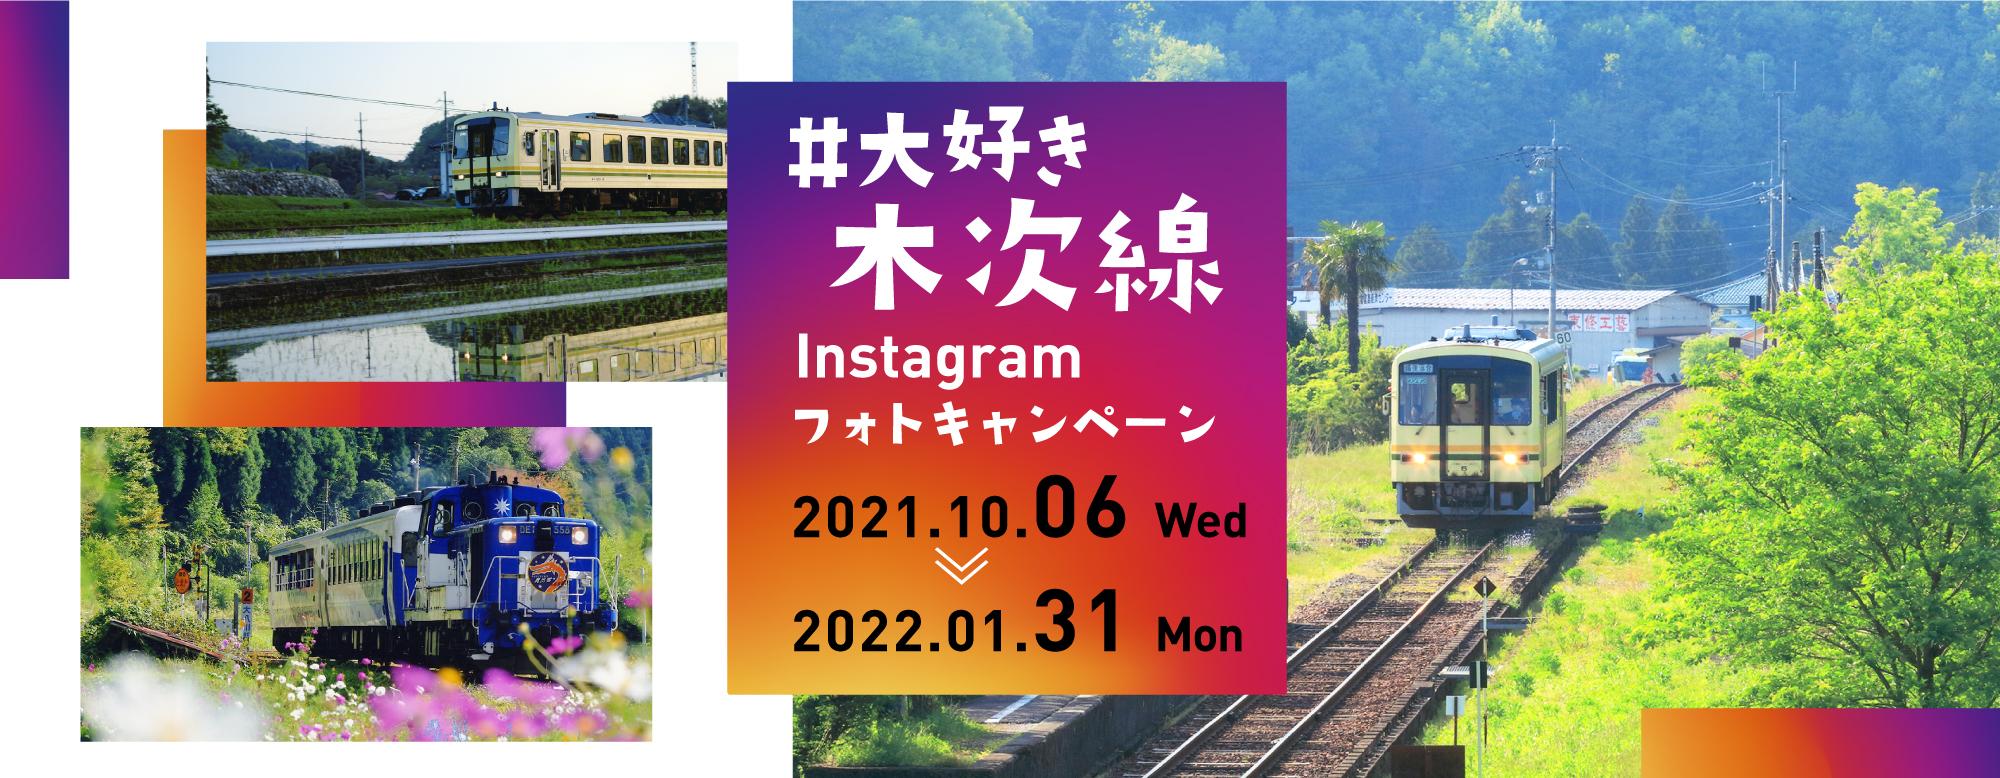 木次線Instagramキャンペーン